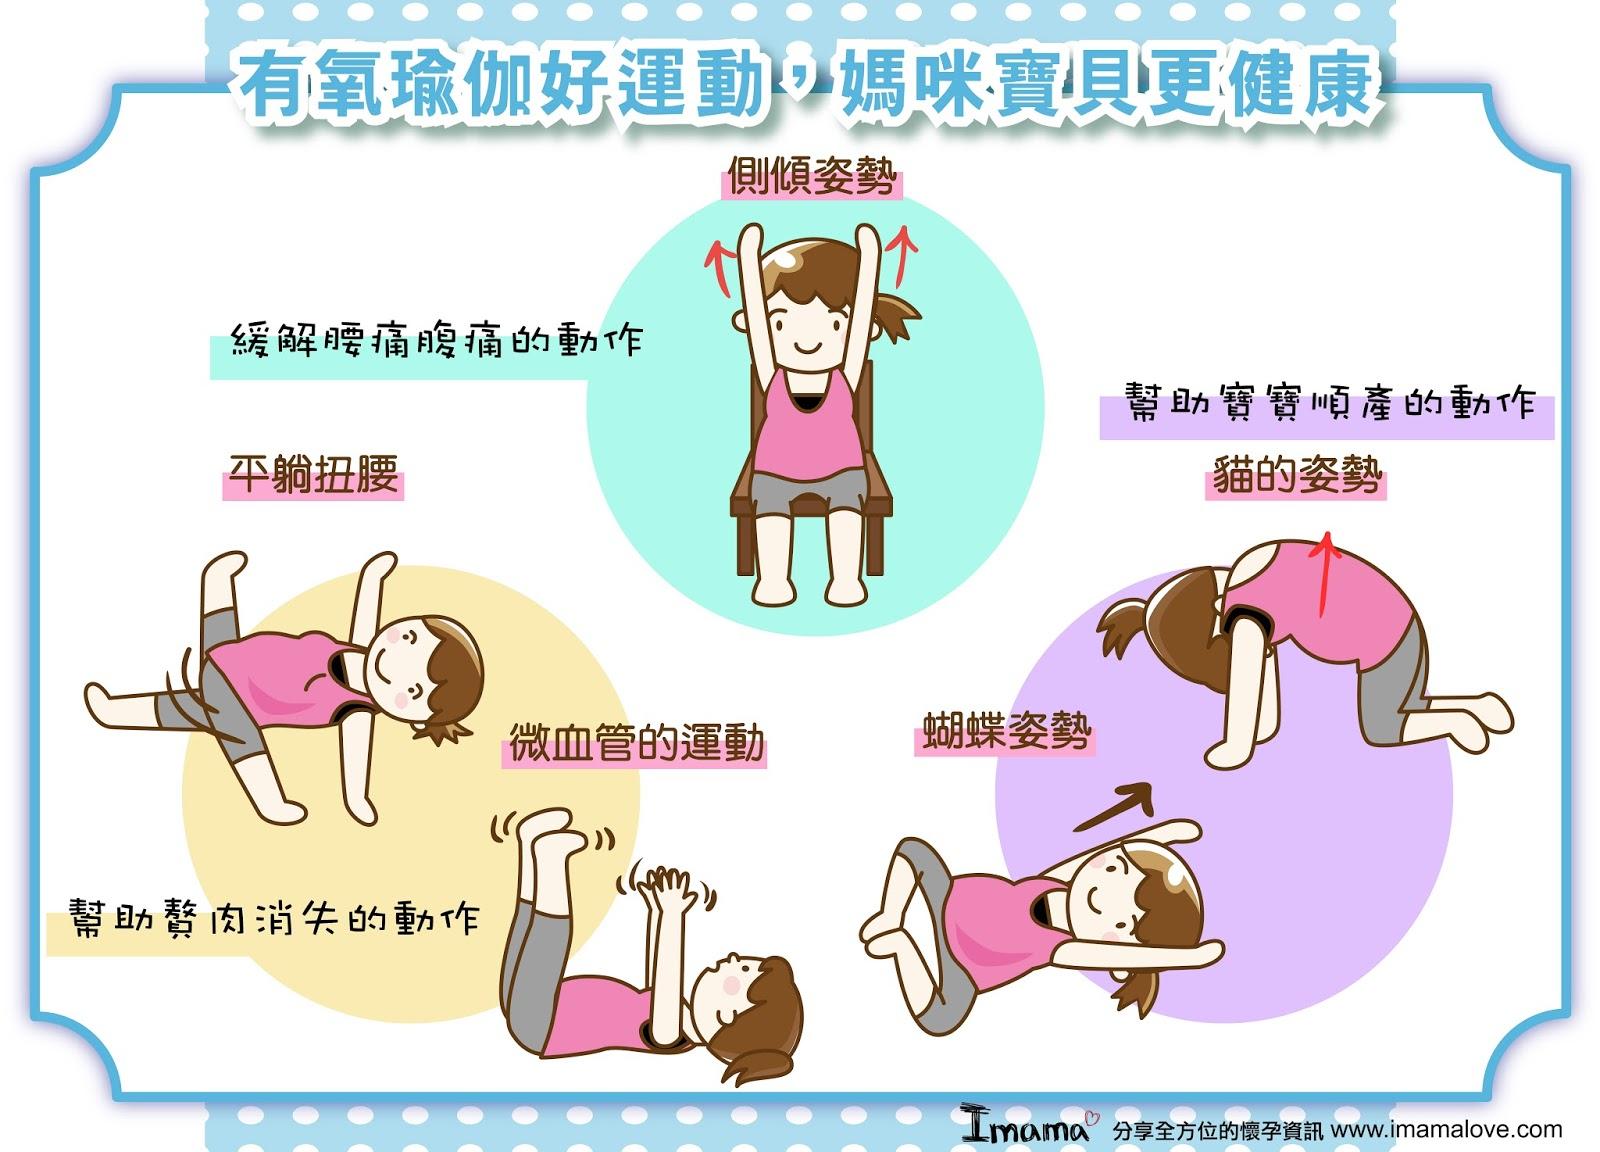 有氧瑜伽好運動,媽咪寶貝更健康 ~ imama 愛媽媽